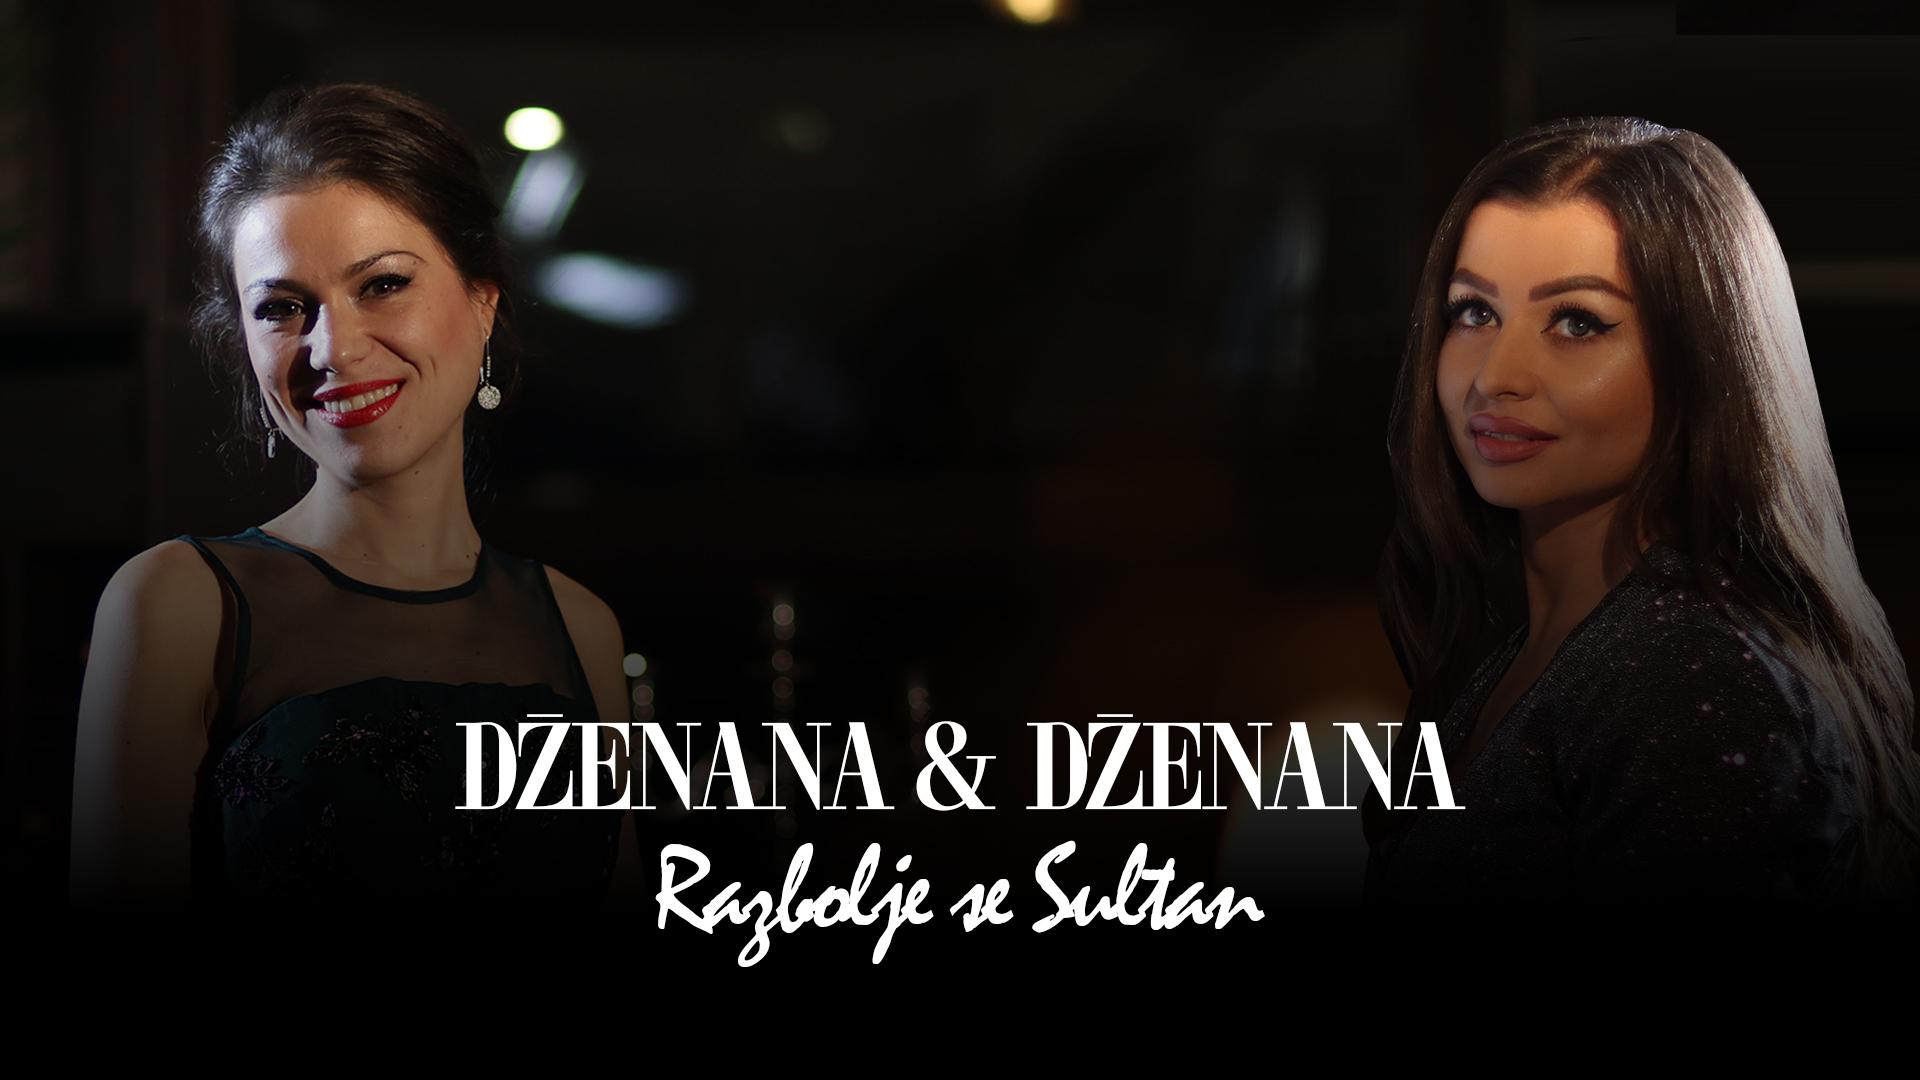 """Dvije Dženane obradile još jednu sevdalinku: """"Razbolje se Sultan"""" u novom ruhu"""